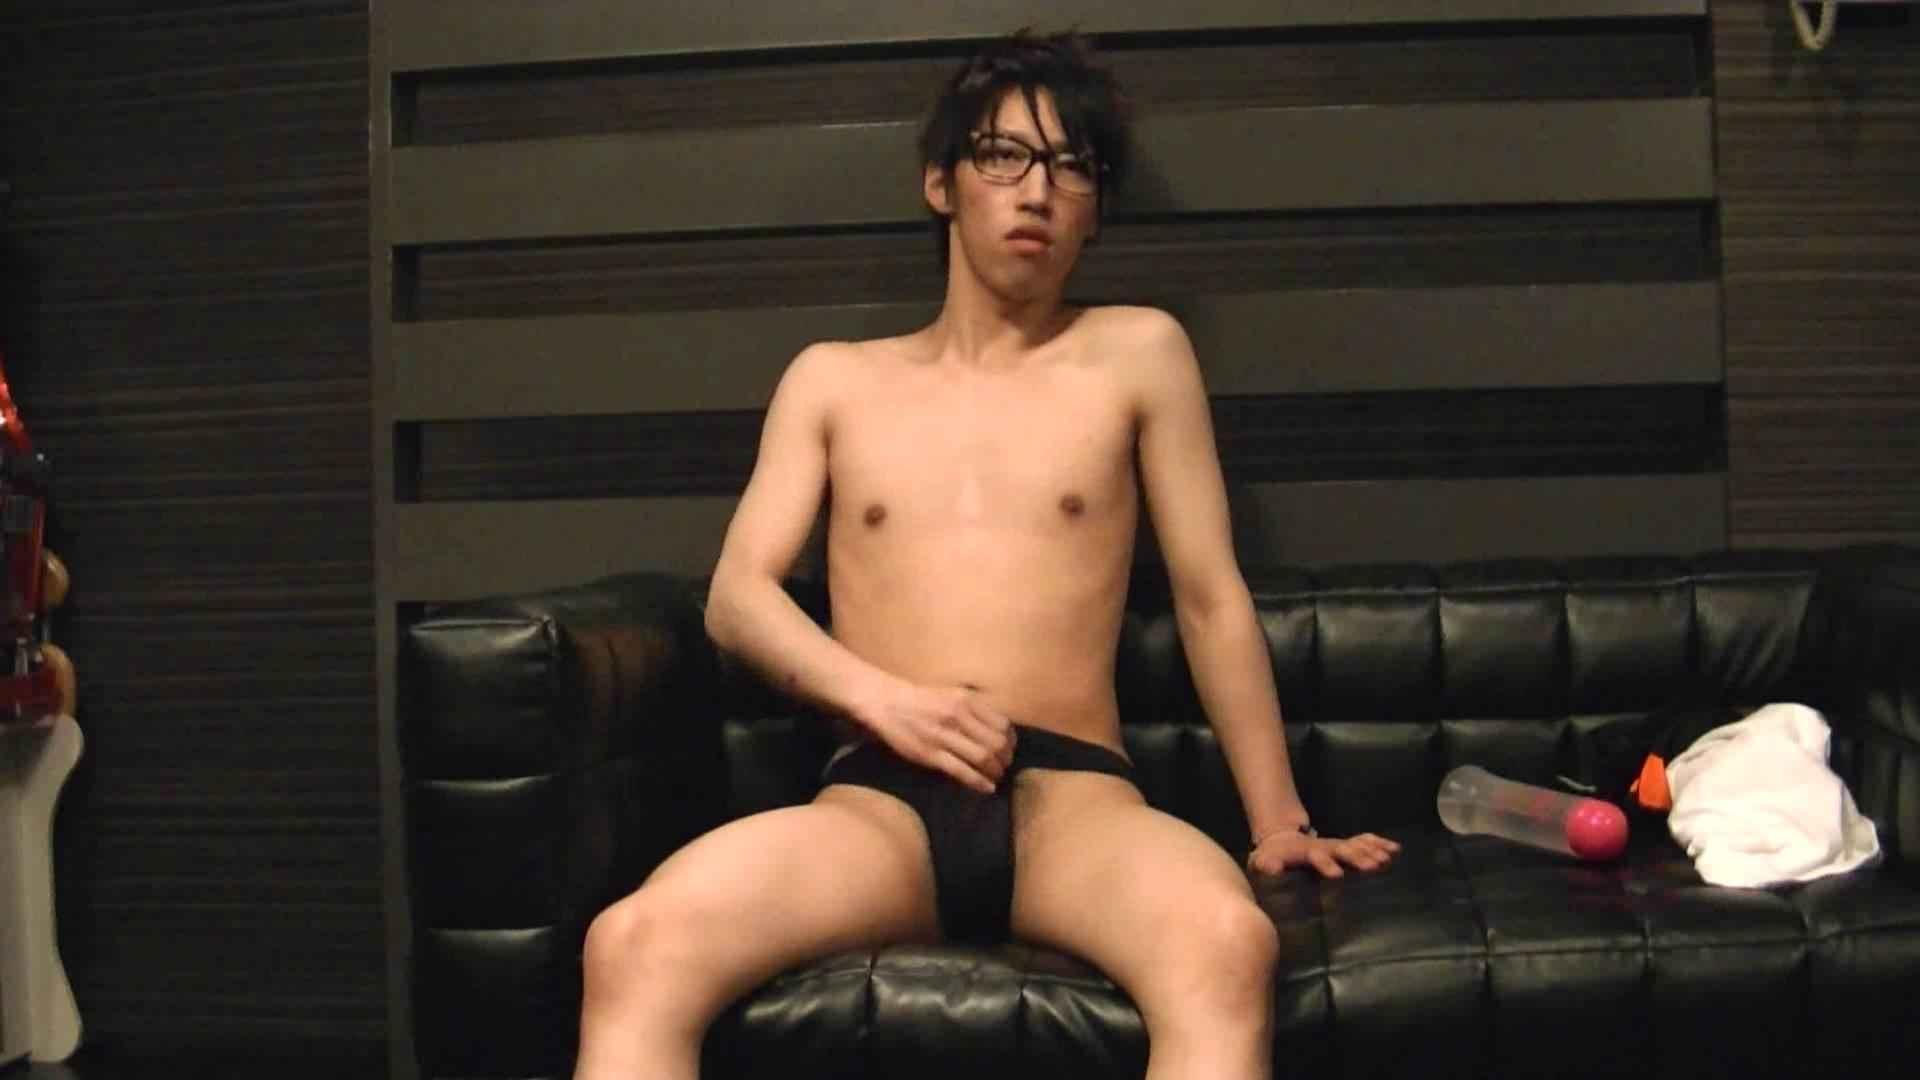 ONA見せカーニバル!! Vol3 男の世界 | オナニー専門男子  98画像 3